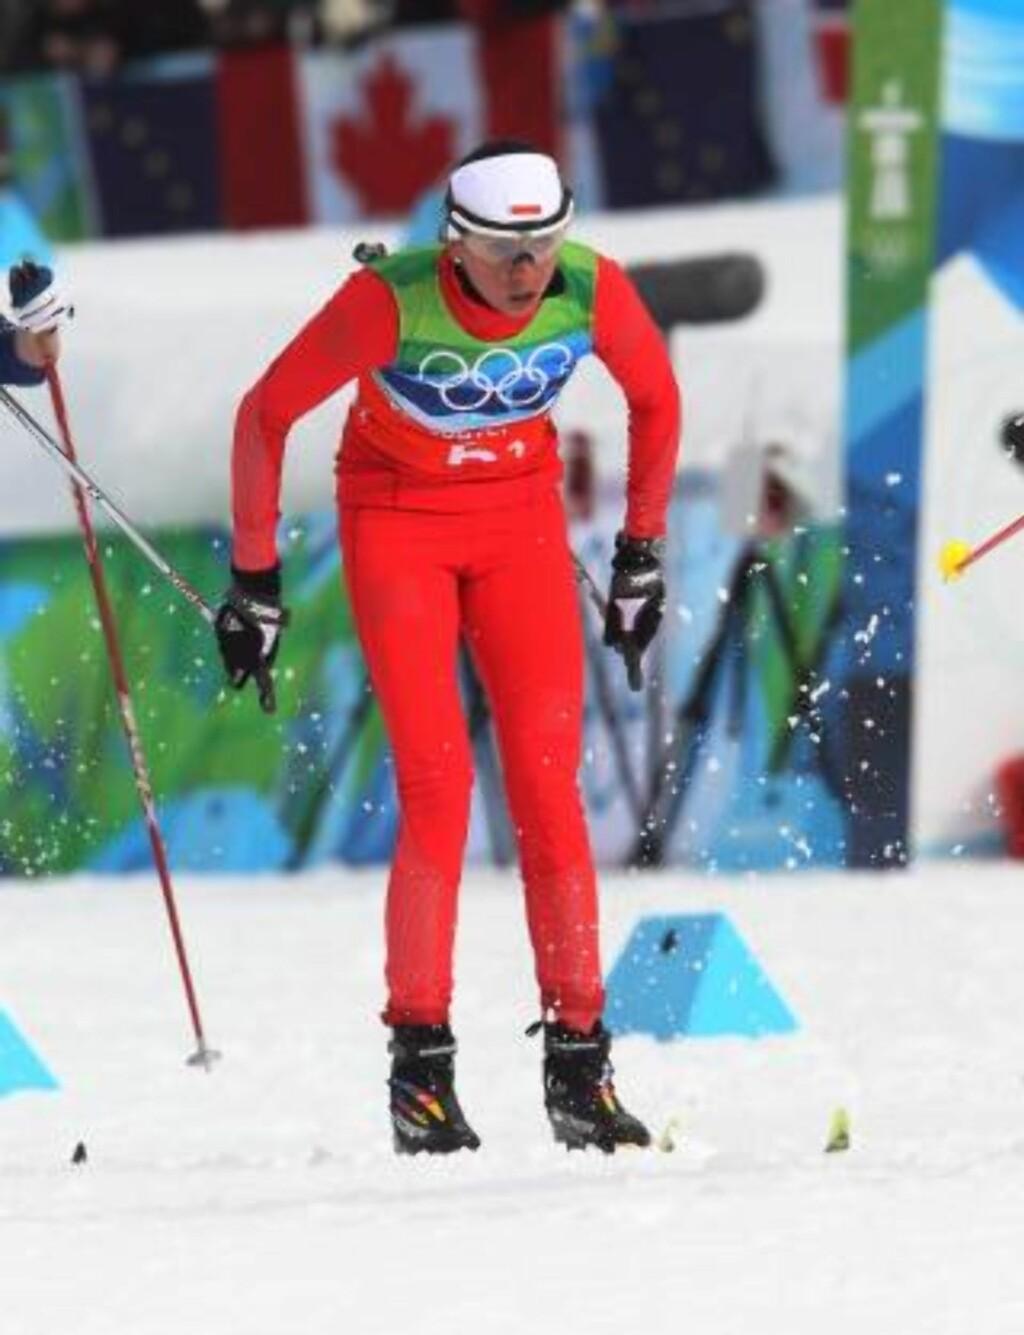 TESTET ETTER STAFETTEN: Det polske lagets 6. plass i OL blir slettet fra resultatlistene. Foto: EPA/Grzegorz Momot